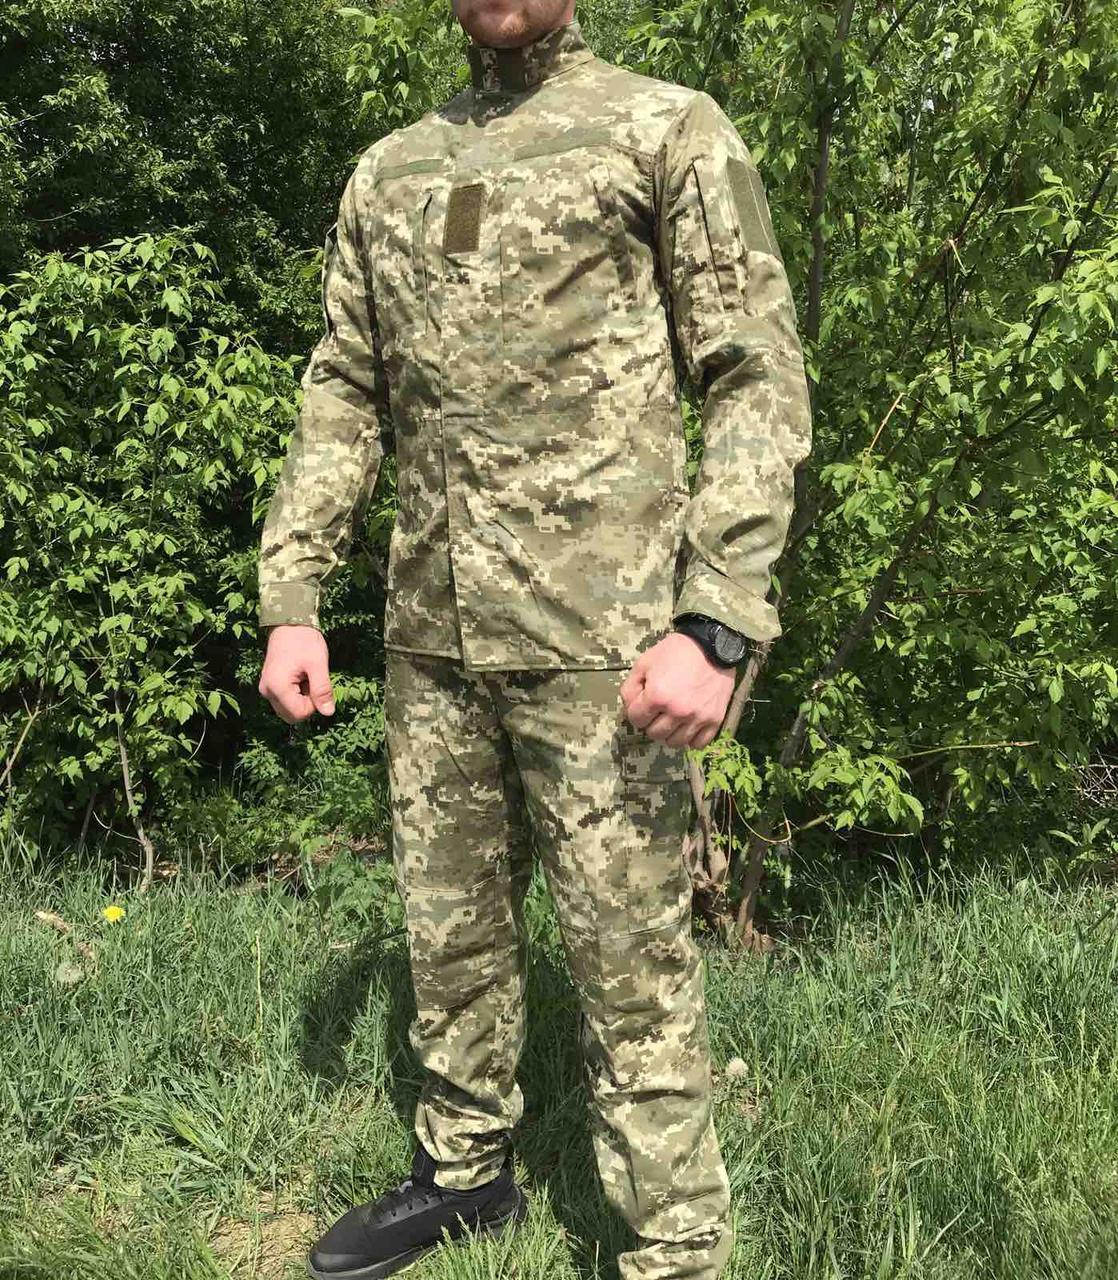 Тактический армейский летний костюм ЗСУ пиксель, костюм для рыбалки и охоты